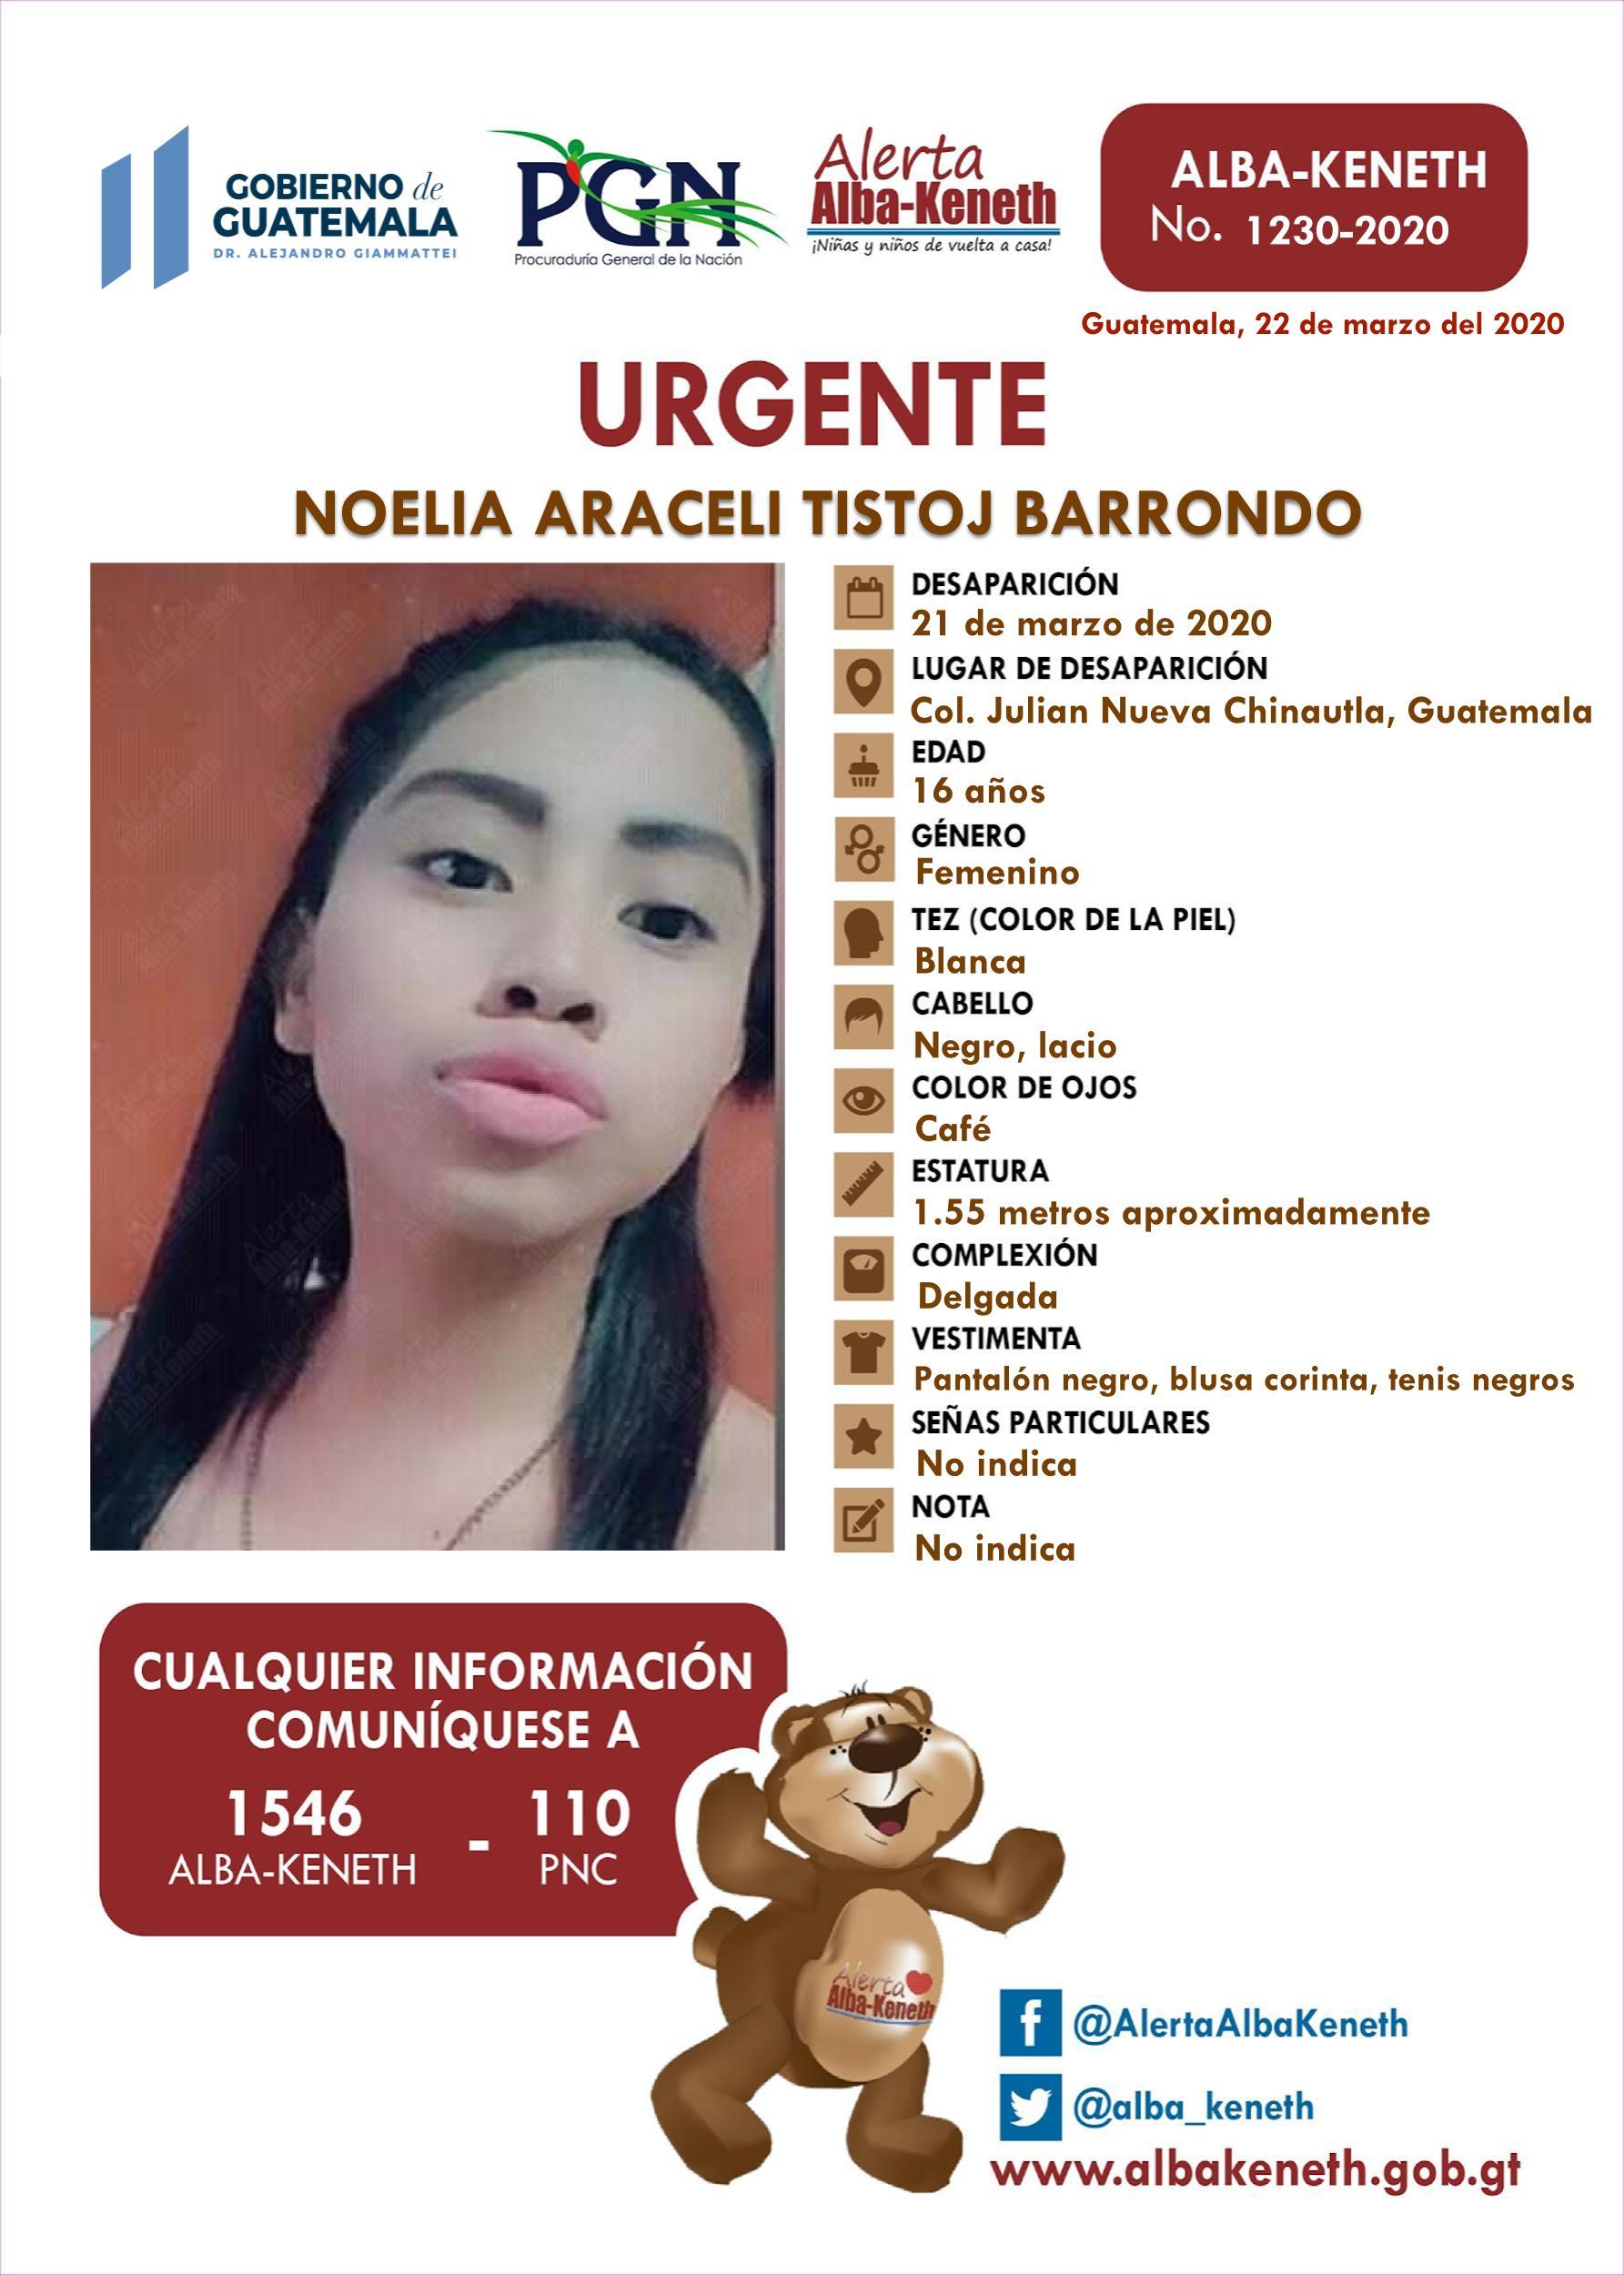 Noelia Araceli Tistoj Barrondo